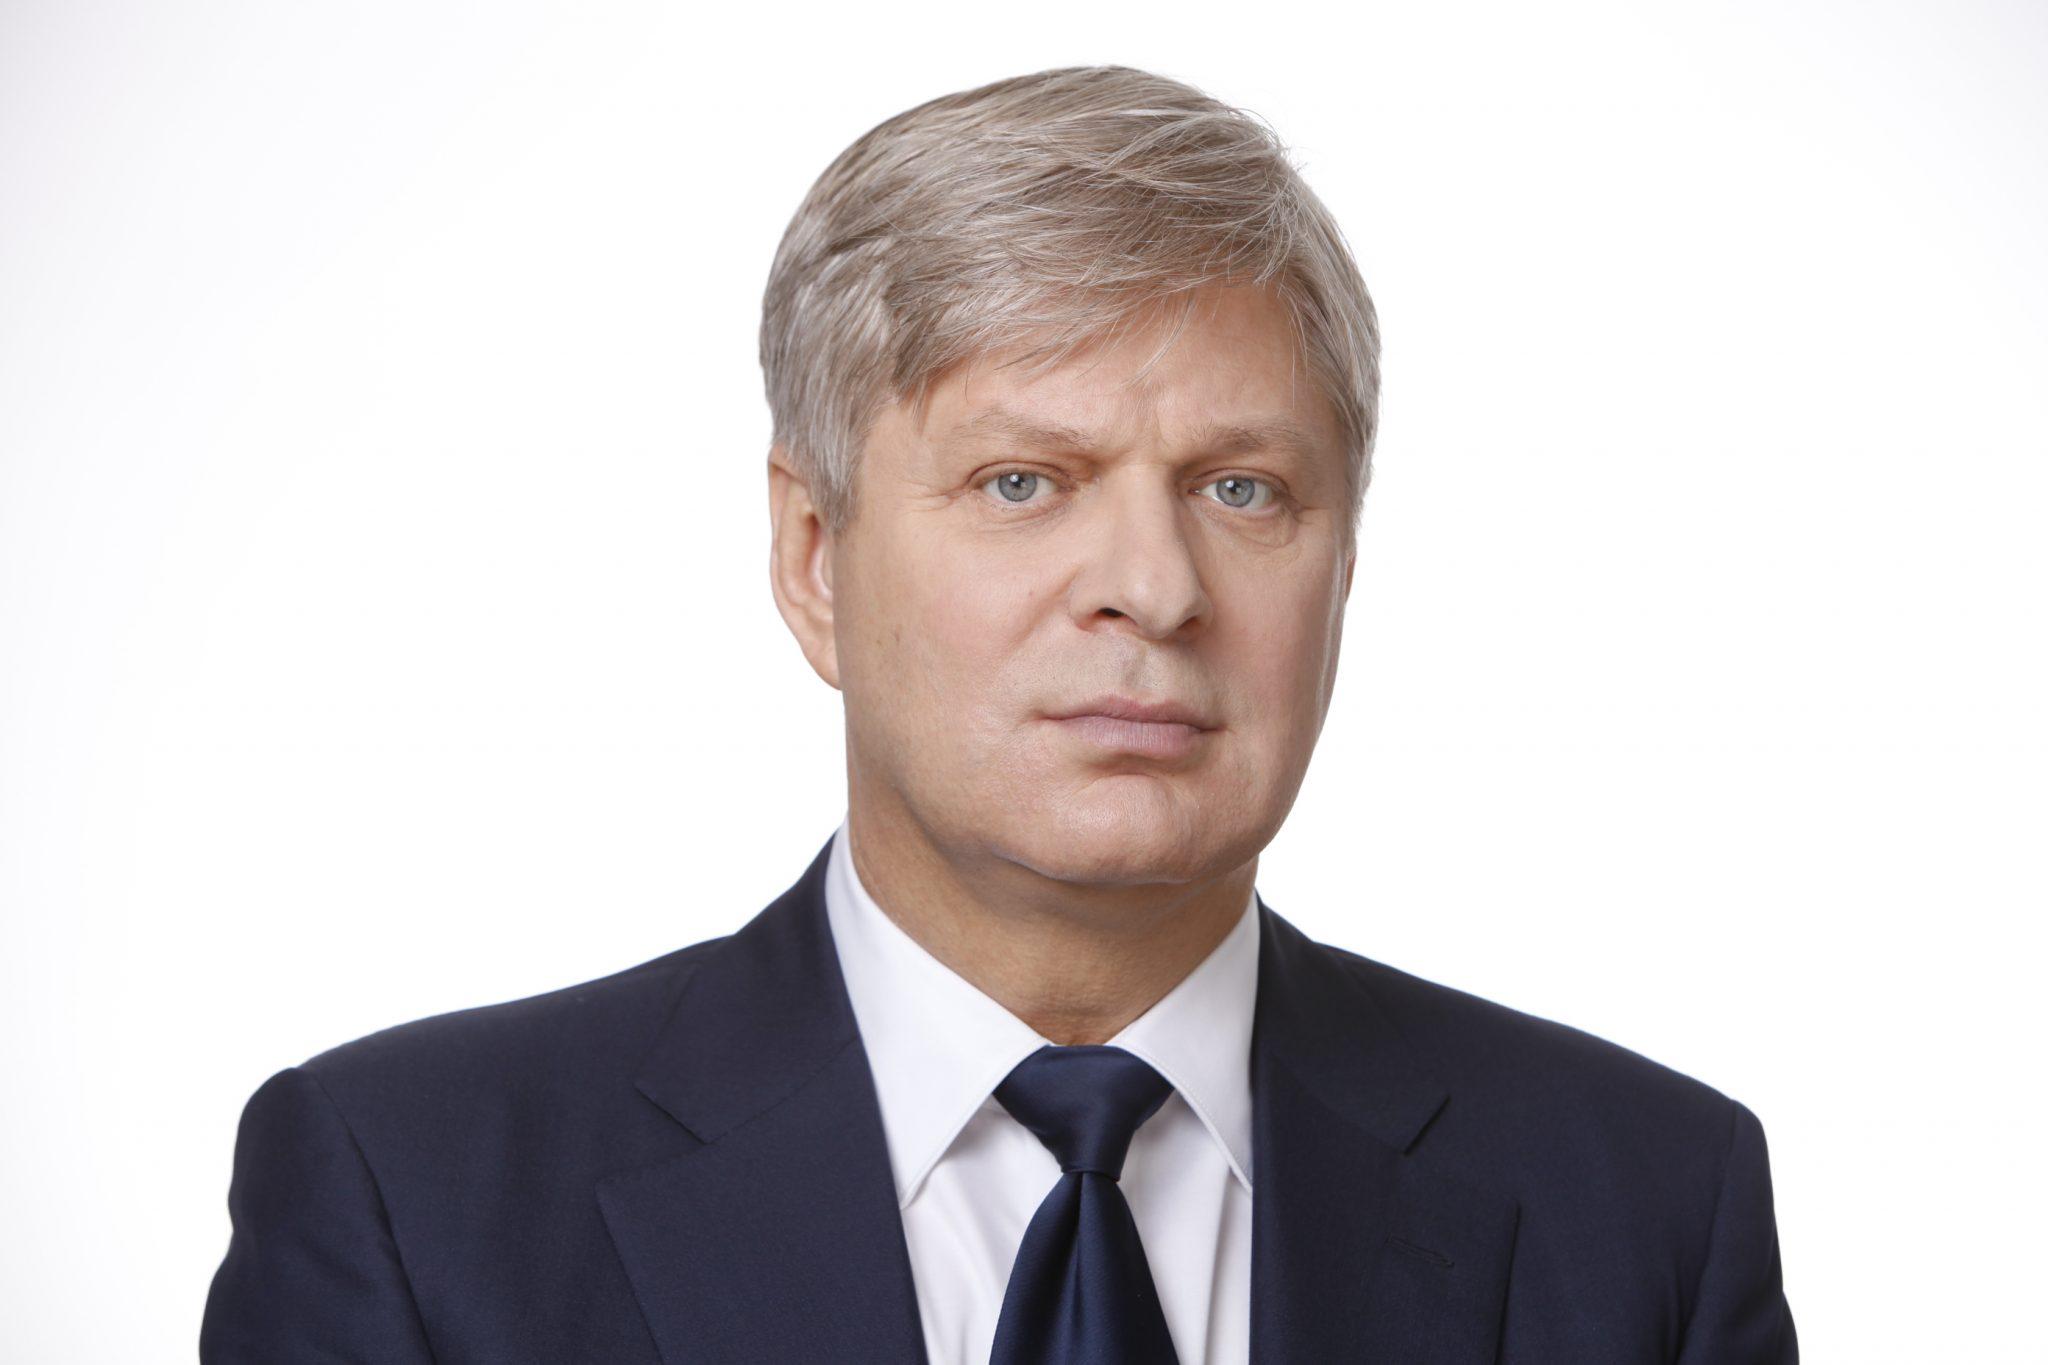 Daniel Tudorache, primarul Sectorului 1, la DC NEWS LIVE ...  |Daniel Tudorache